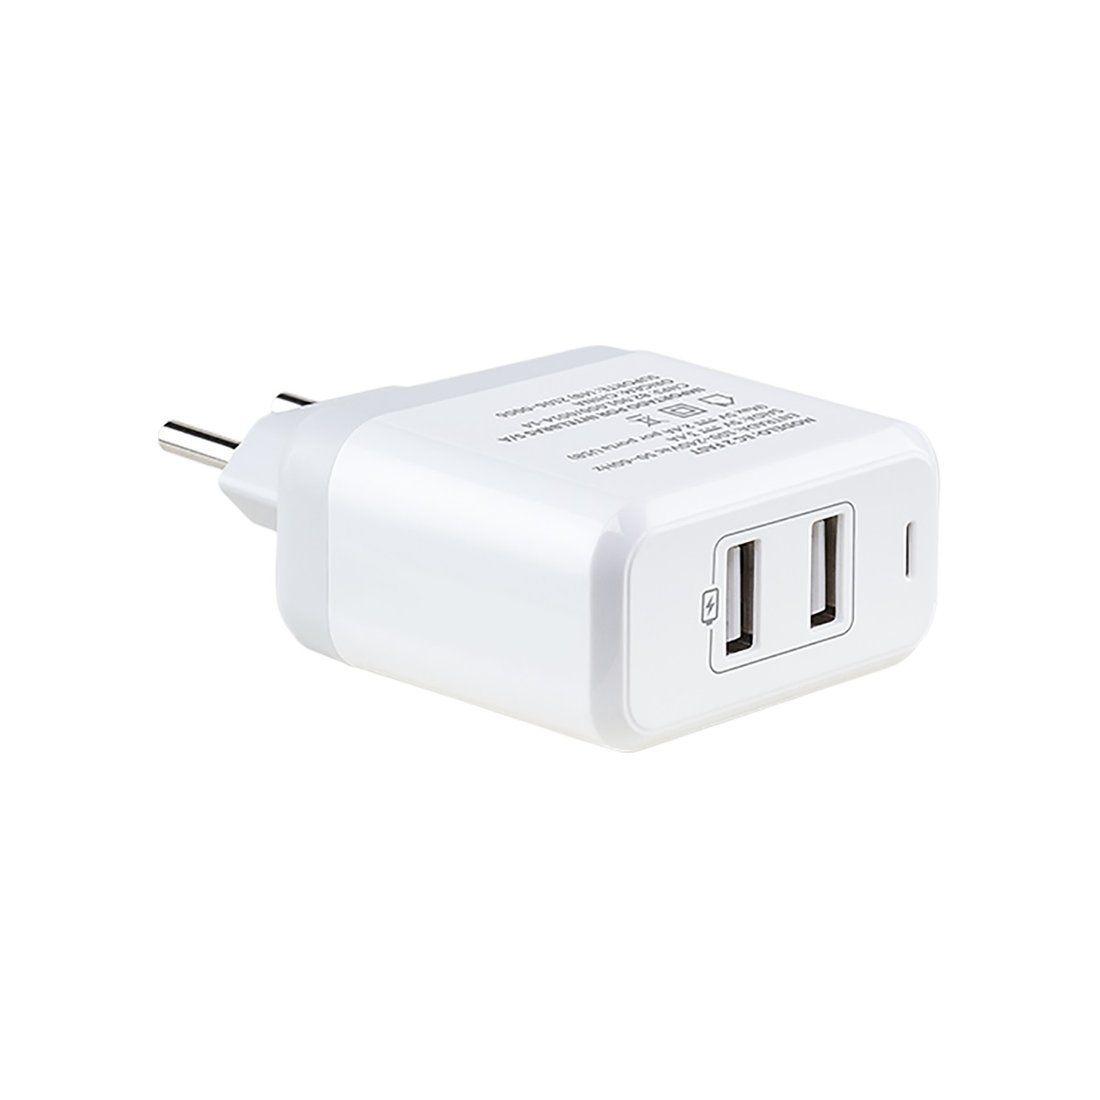 Carregador USB Intelbras EC 2 Fast de 2 portas USB e 2,4 A